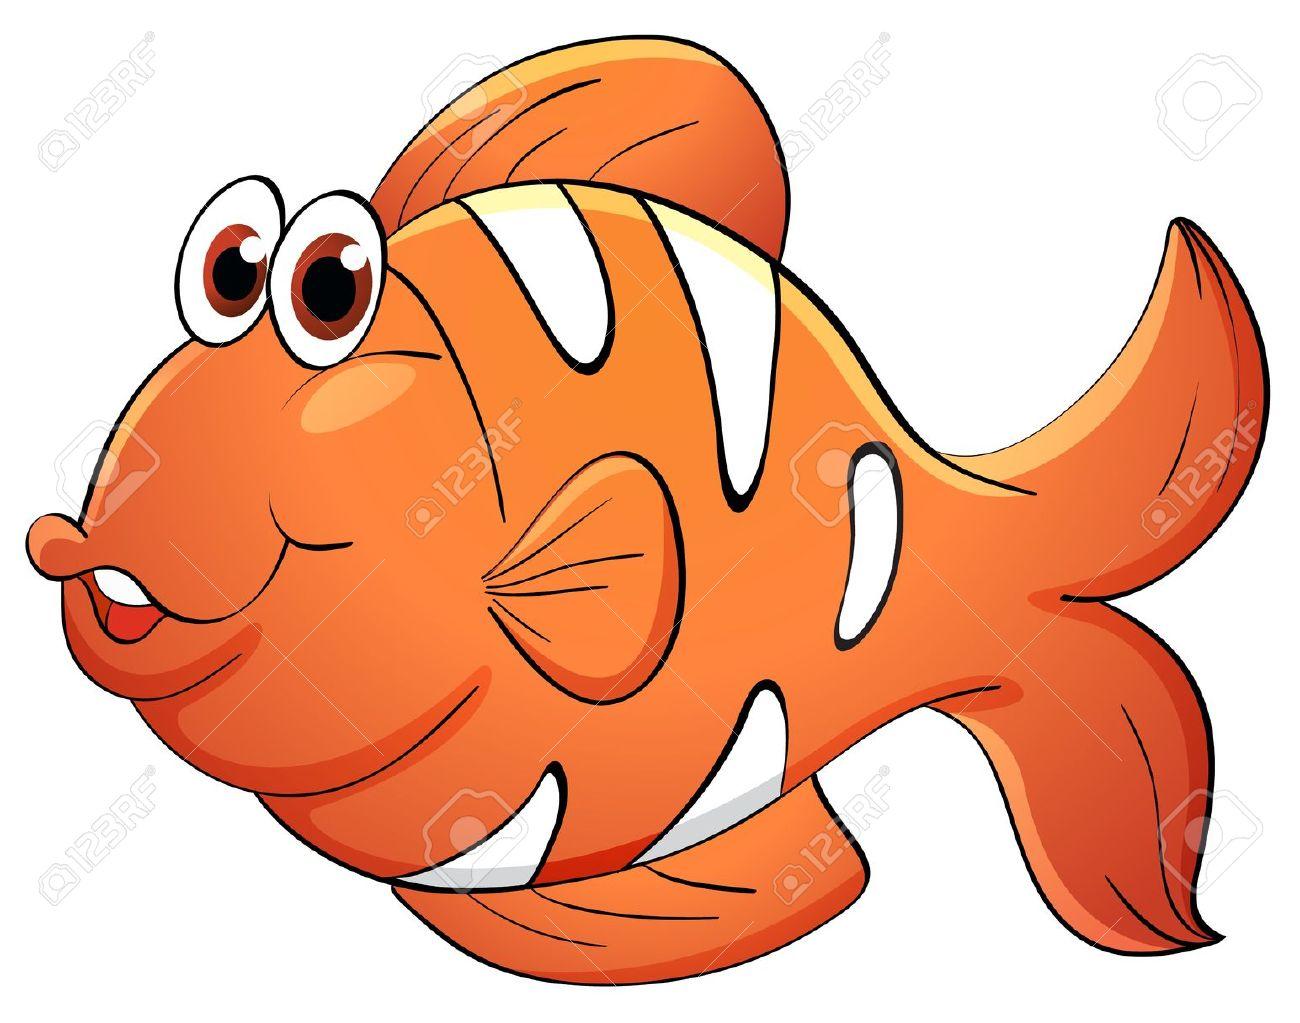 1300x1023 A fish clipart